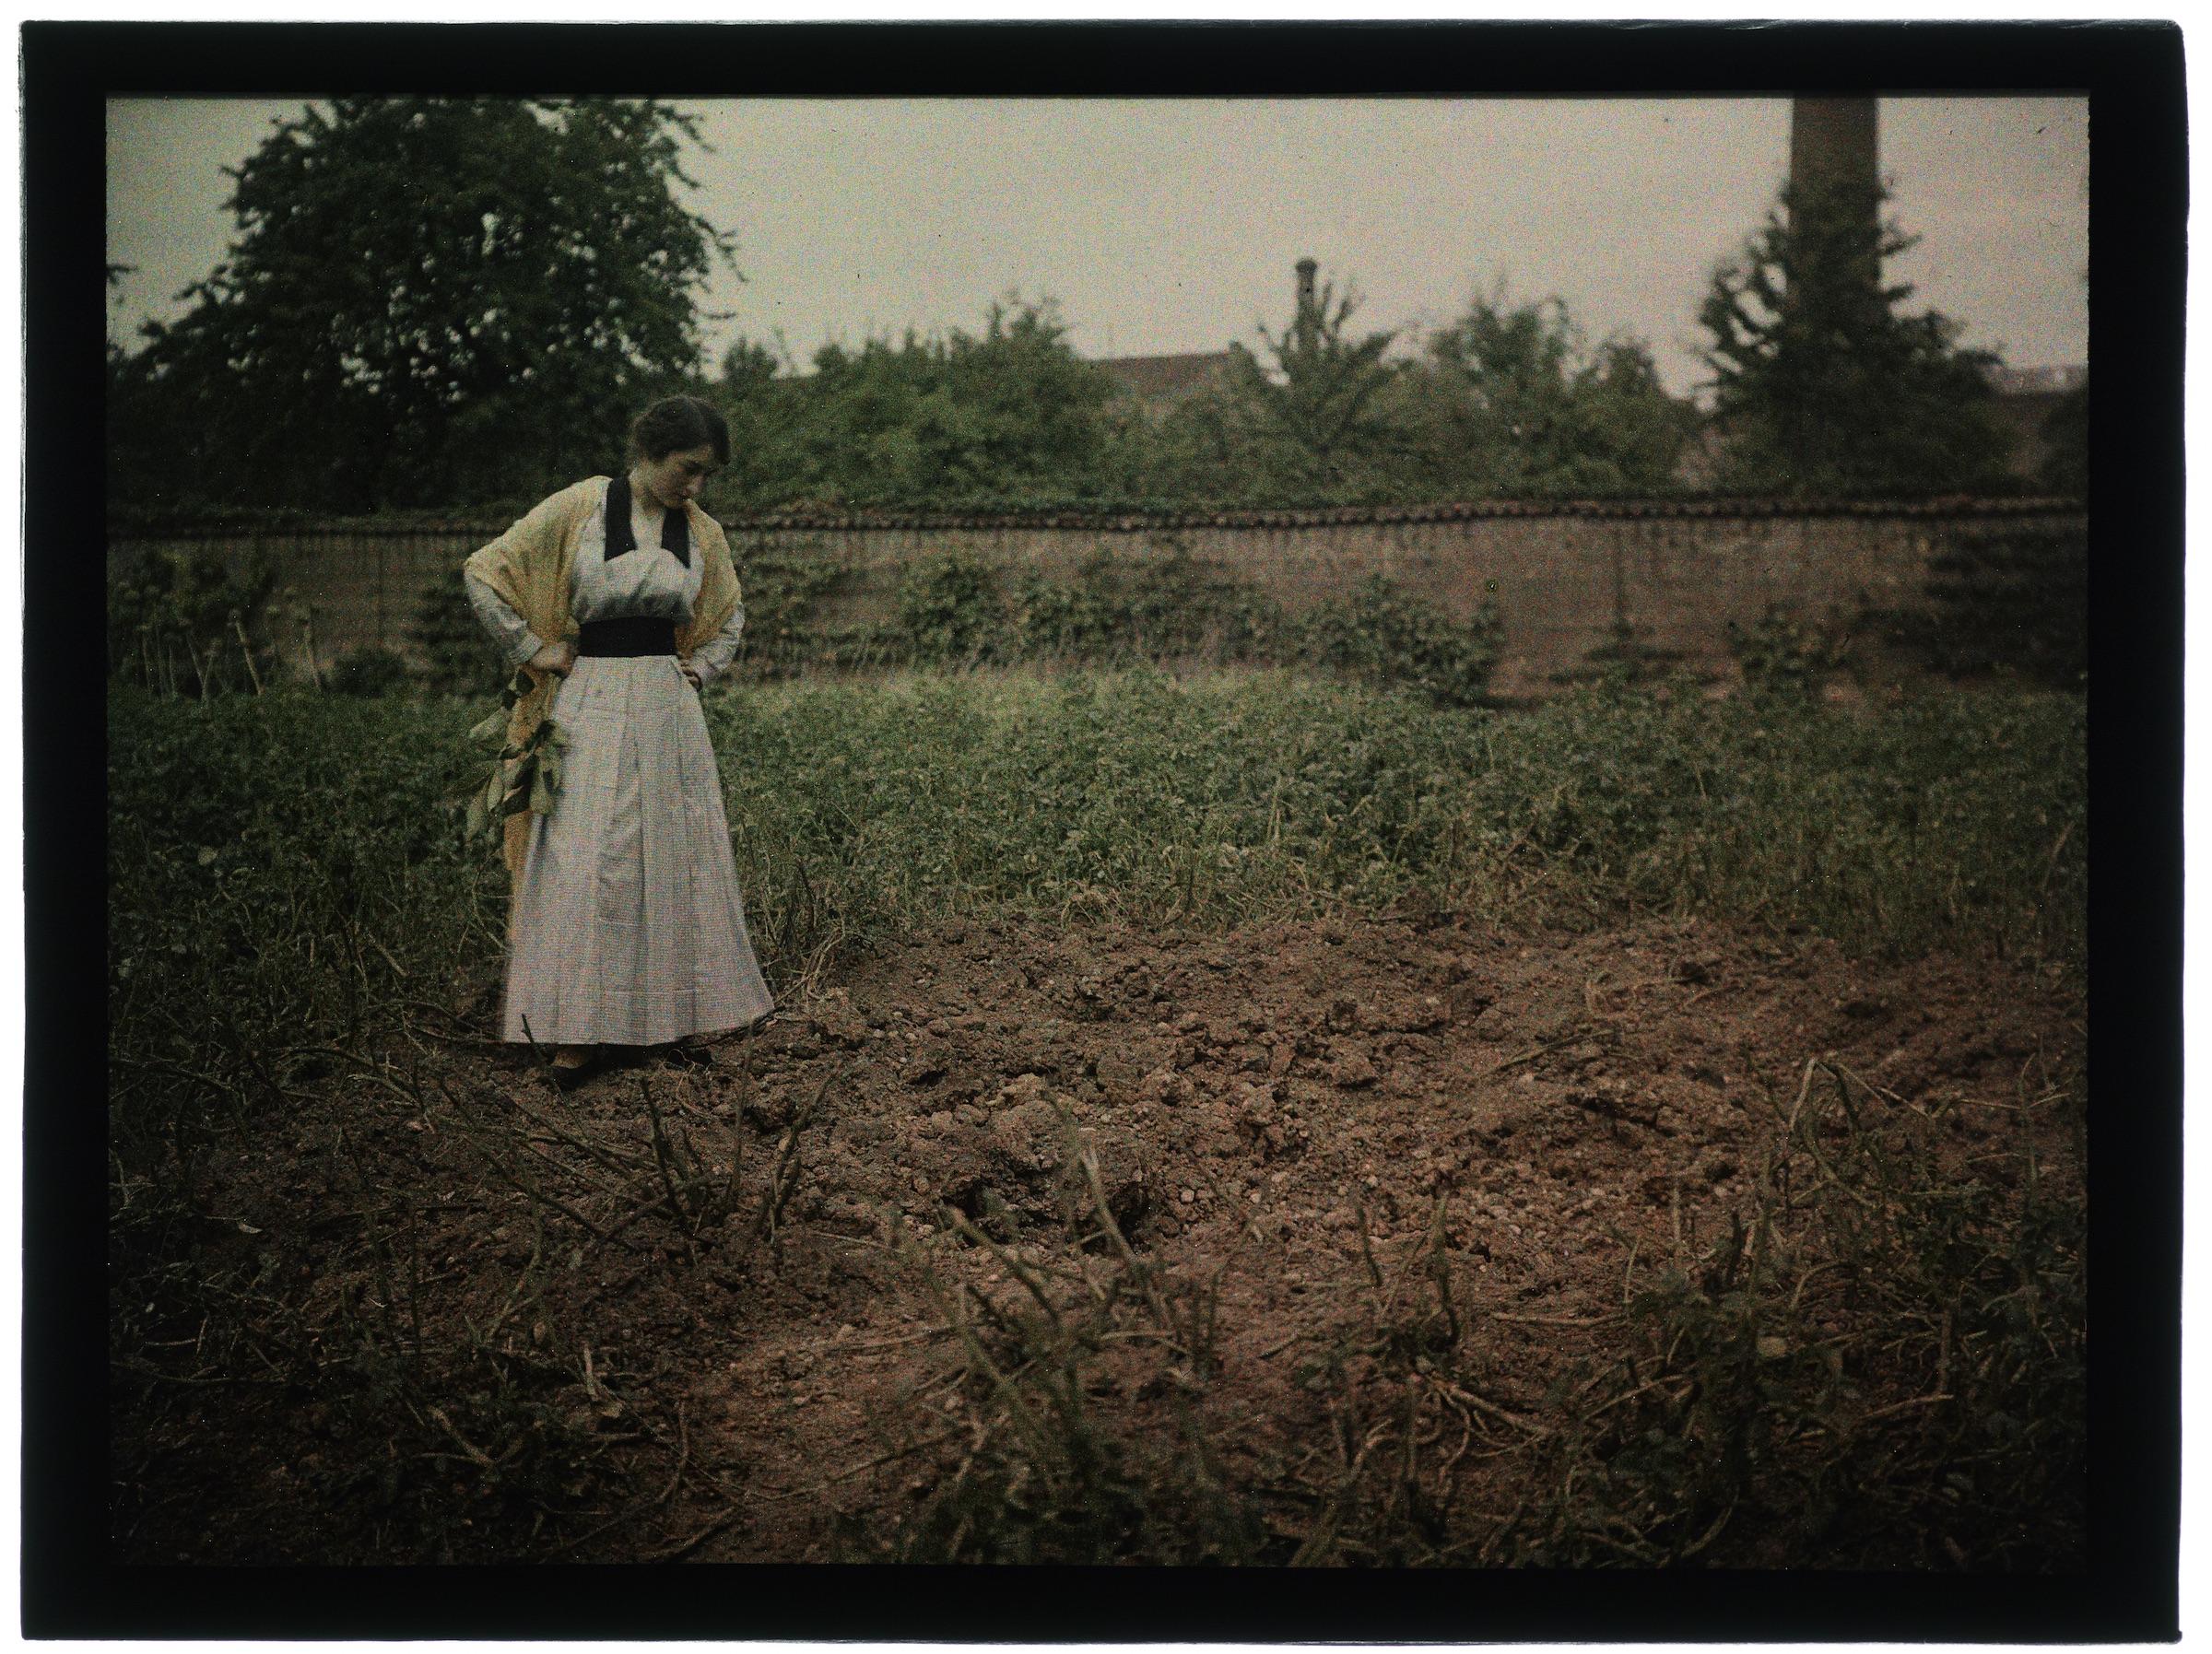 Femme au jardin devant un trou